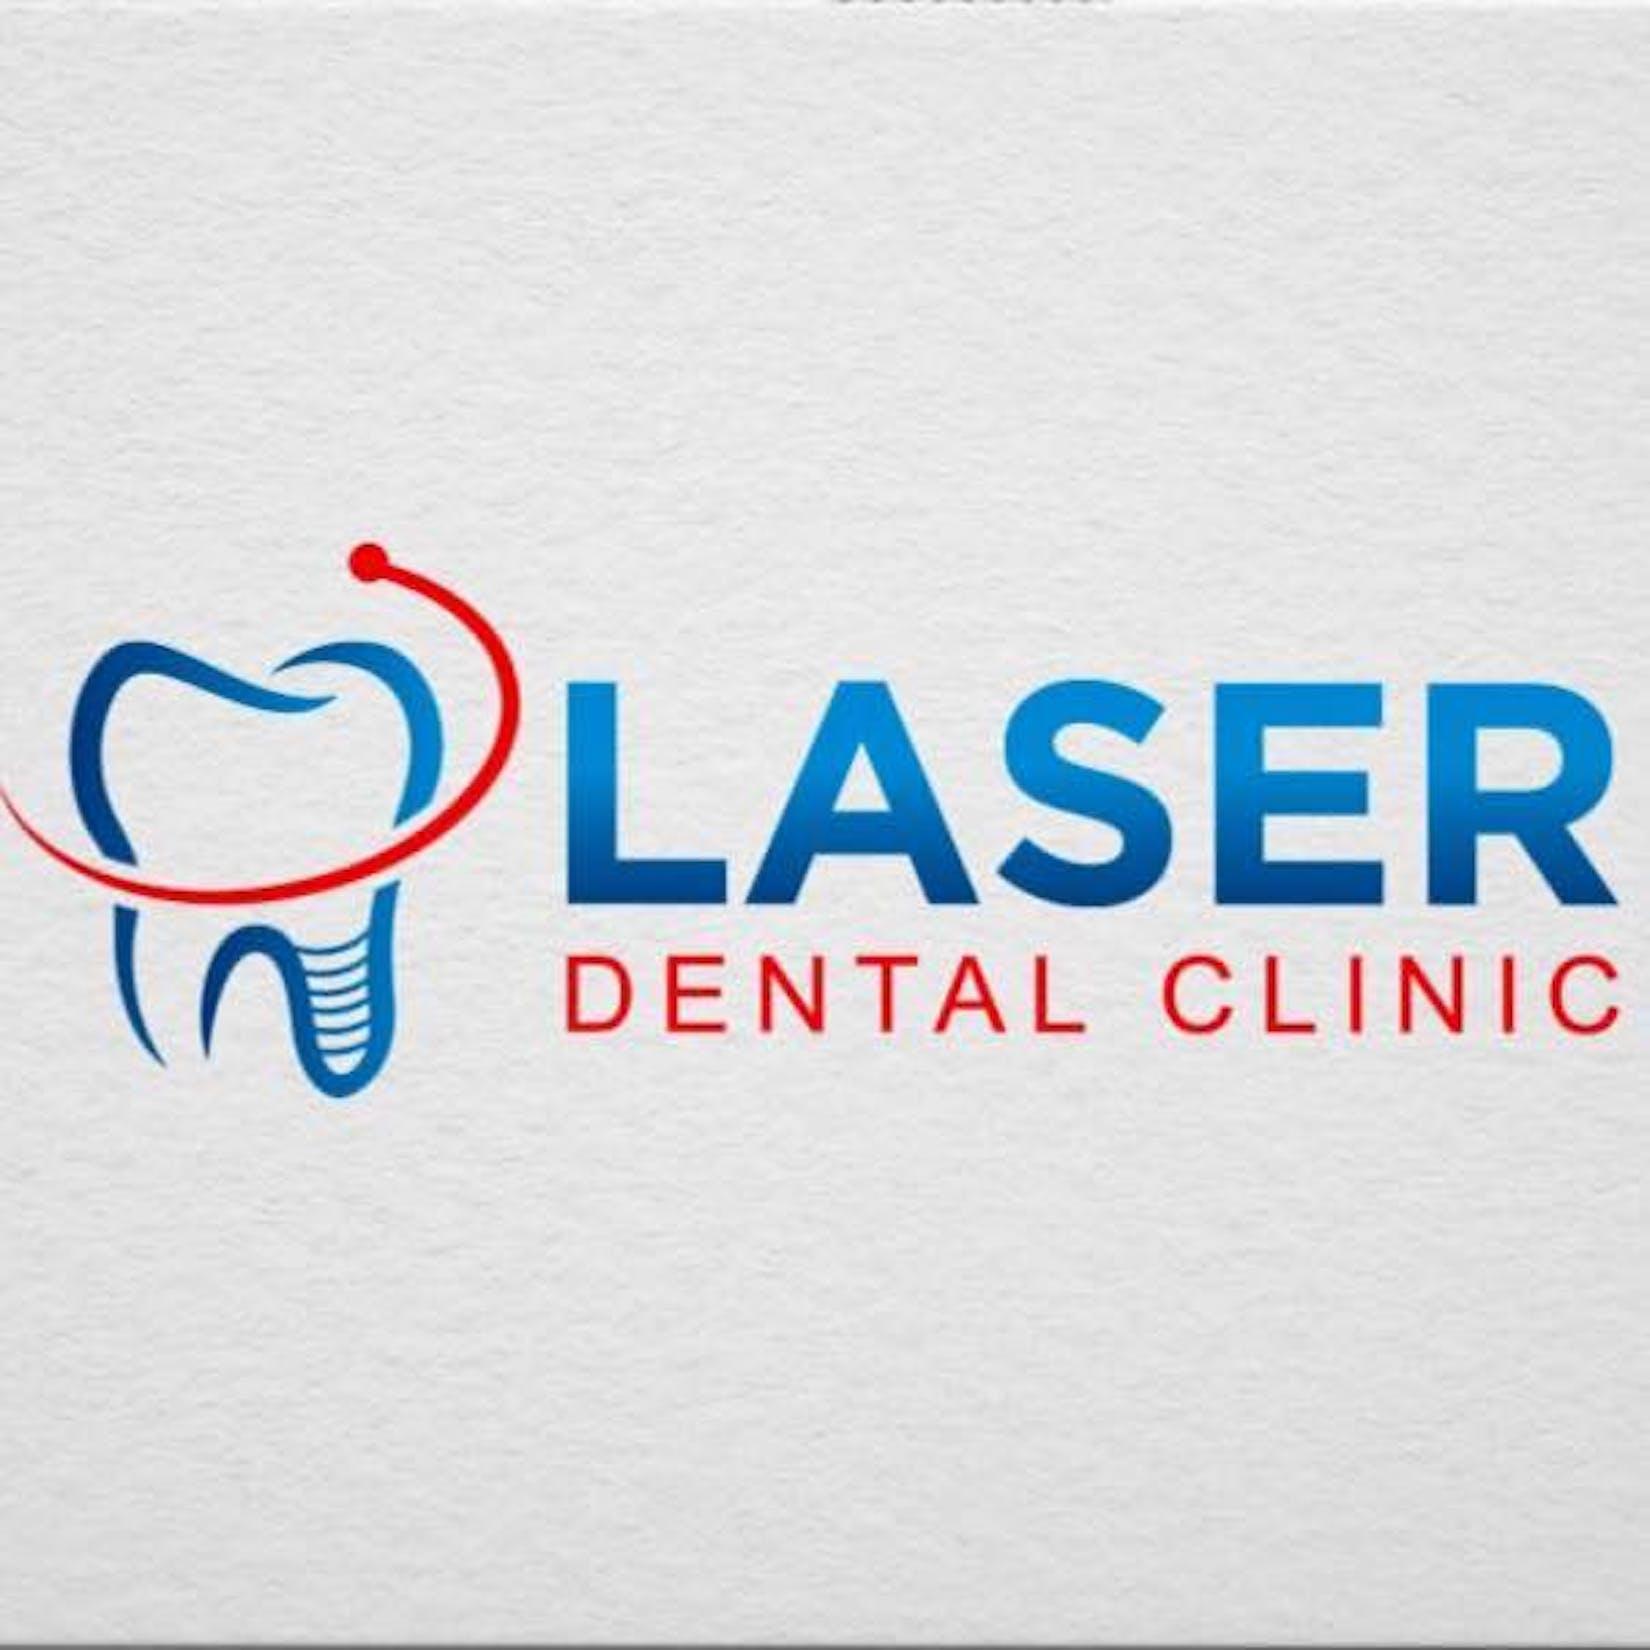 Laser Dental Clinic TarKayTa | Medical